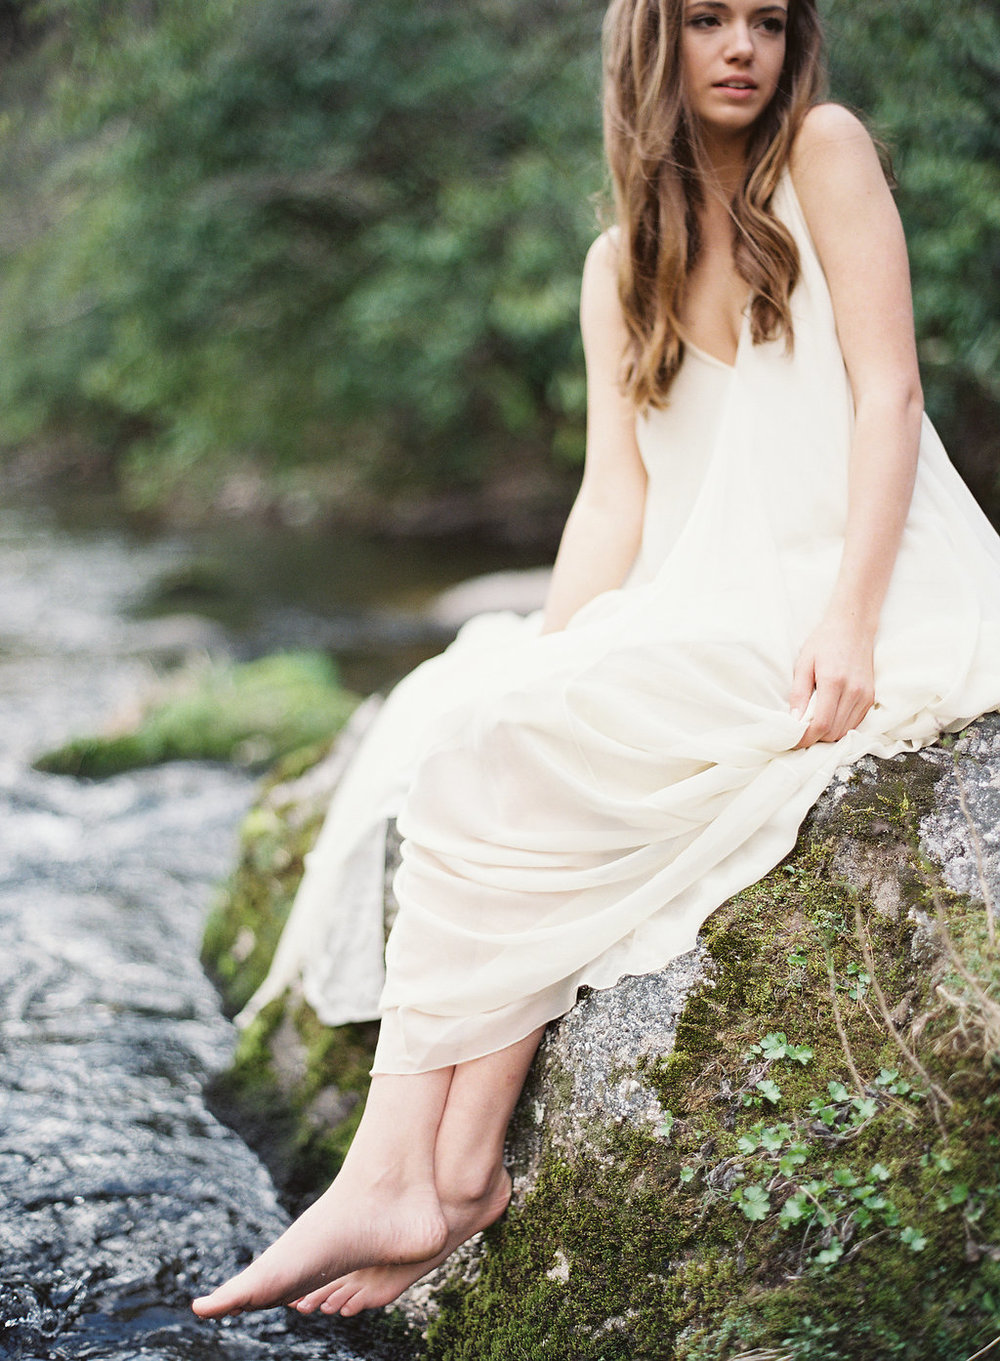 Carol Hannah Celestine Highlands River0136.jpg